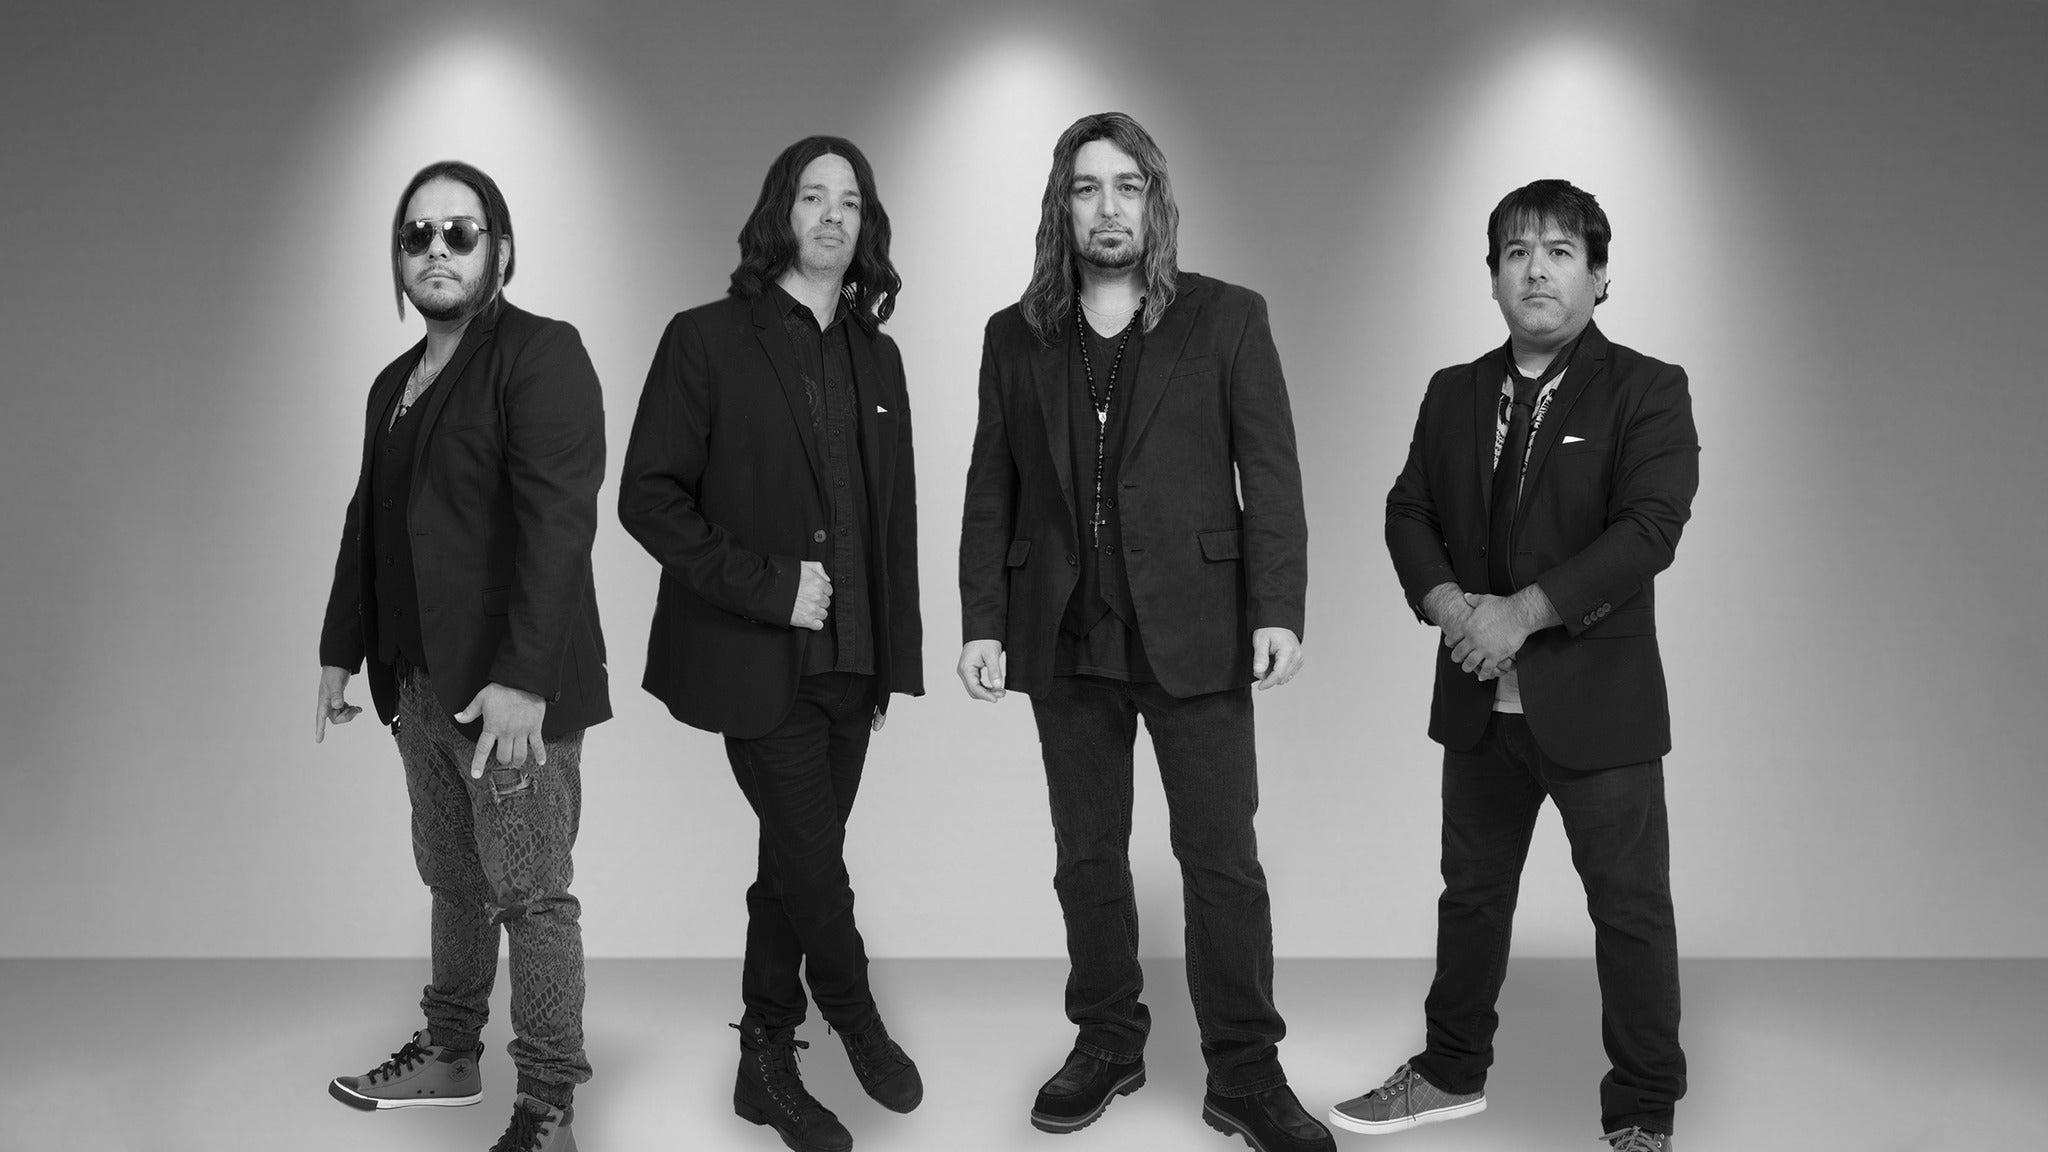 Noche de Rock en Español : Tributes to Mana y Caifanes